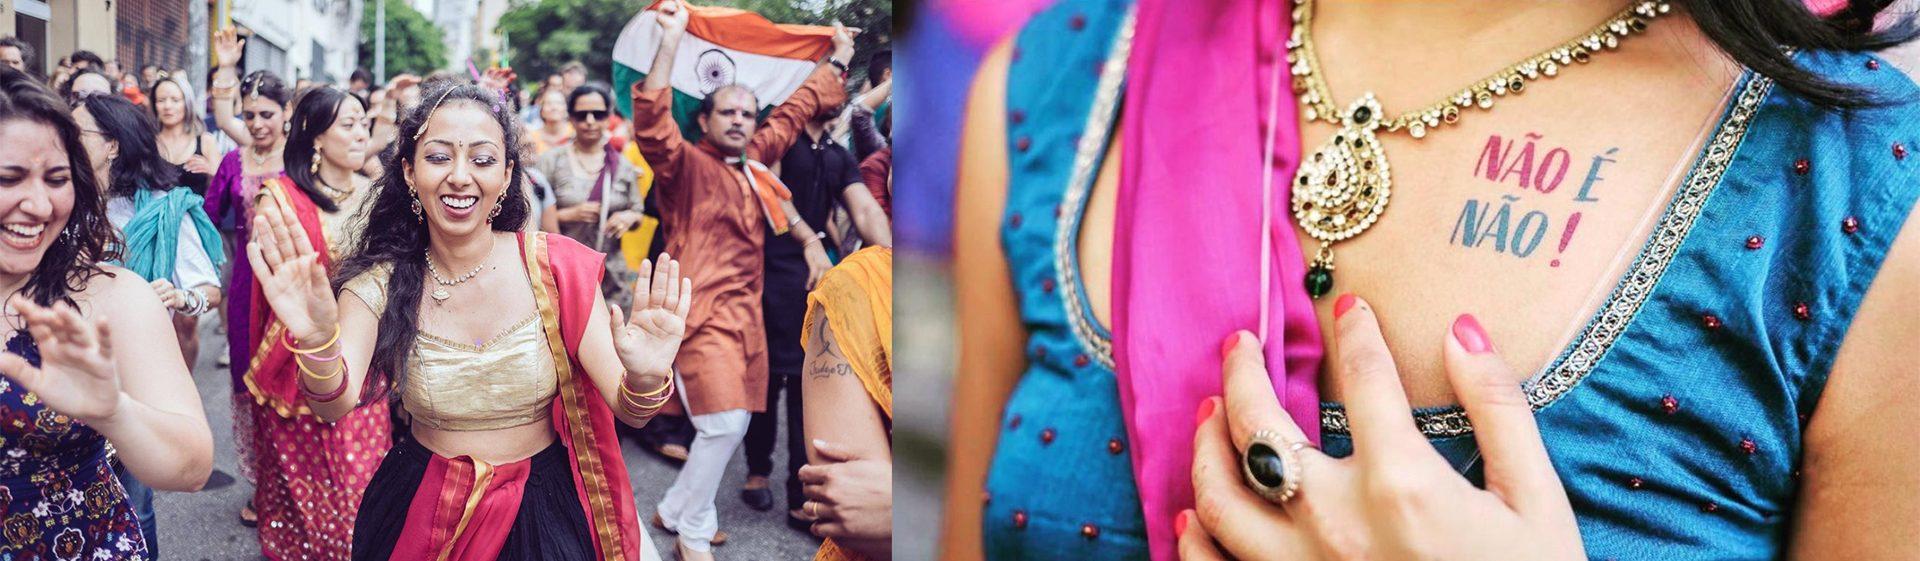 Bloco Bollywood, em São Paulo: misturando algumas tradições indianas com movimentos contemporâneos